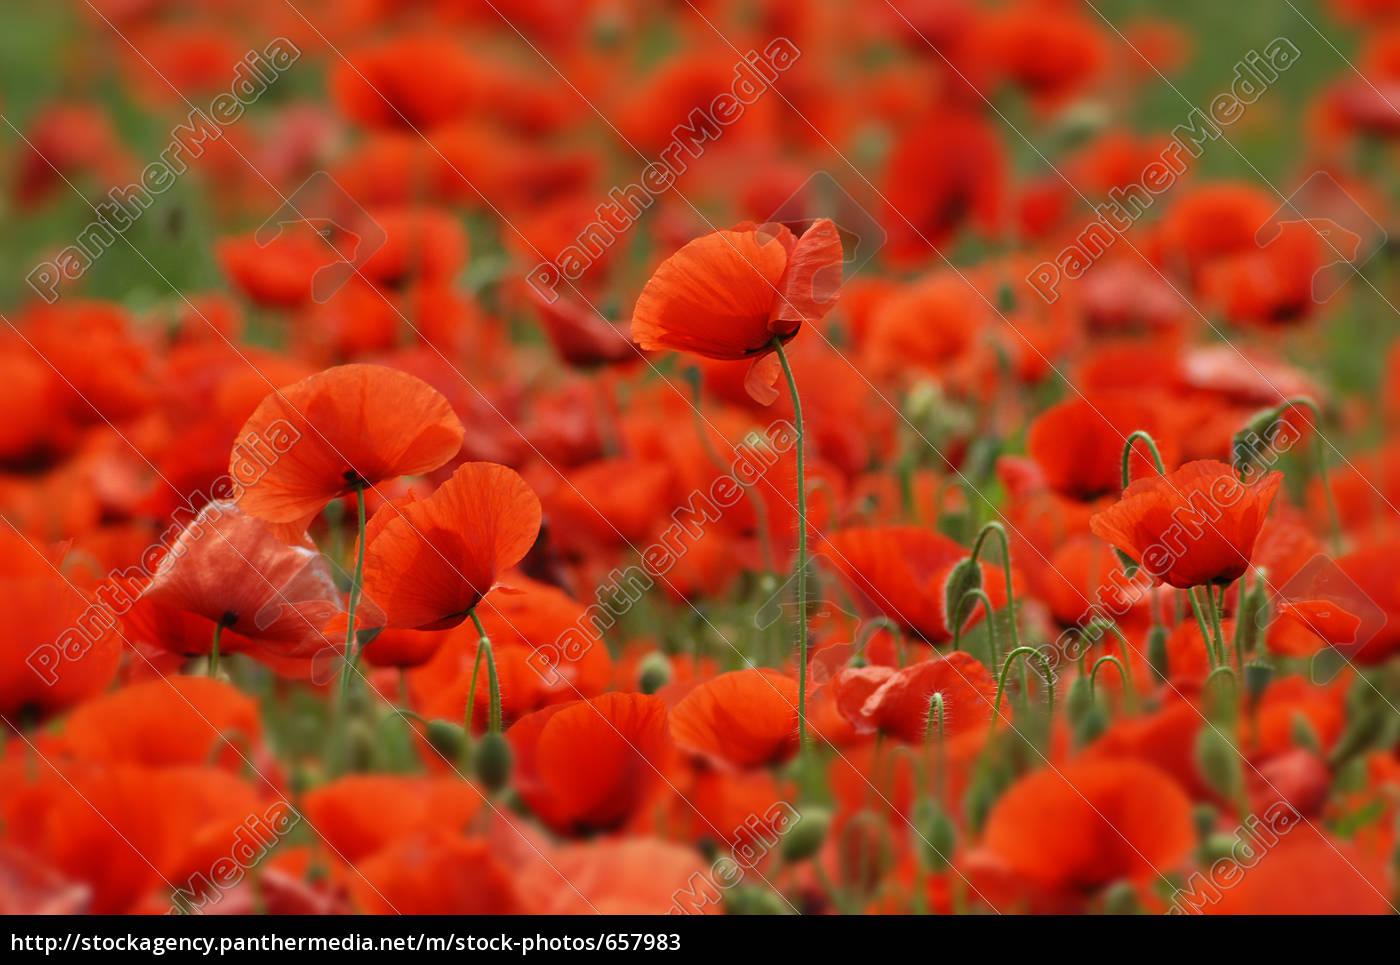 in, poppy, field - 657983